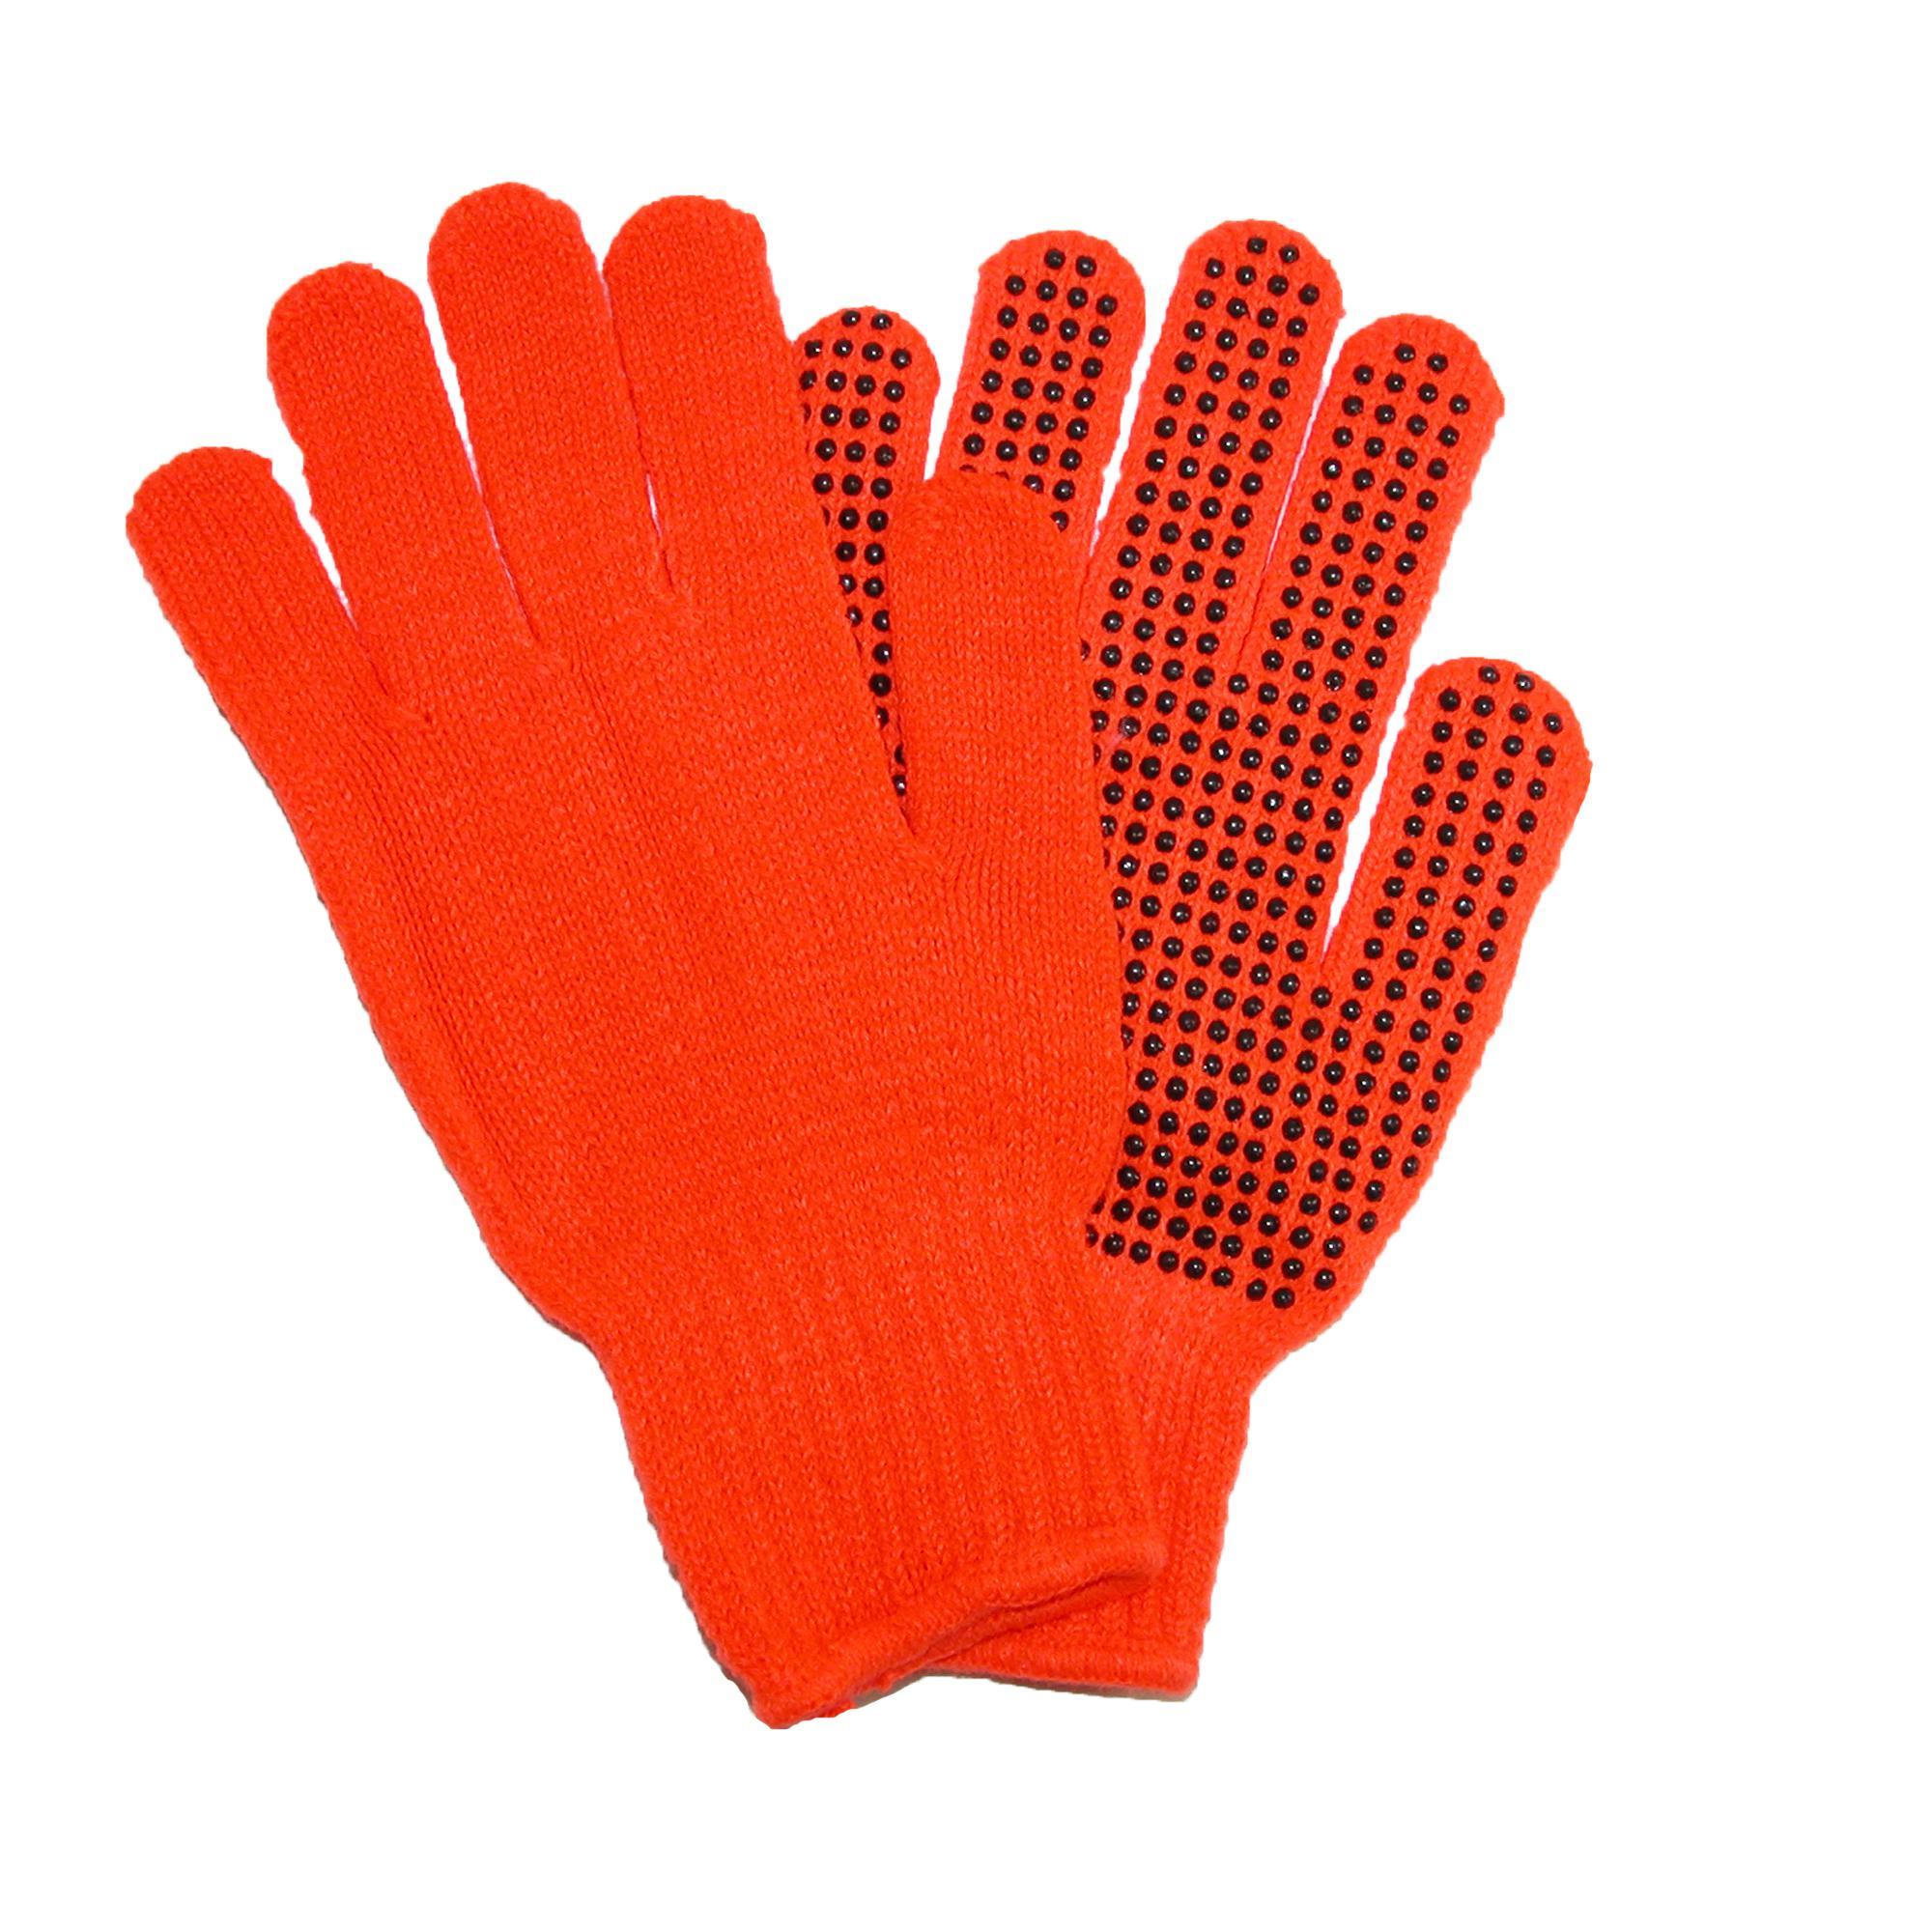 Grand Sierra Mens Knit Blaze Orange Work Gloves With Grips